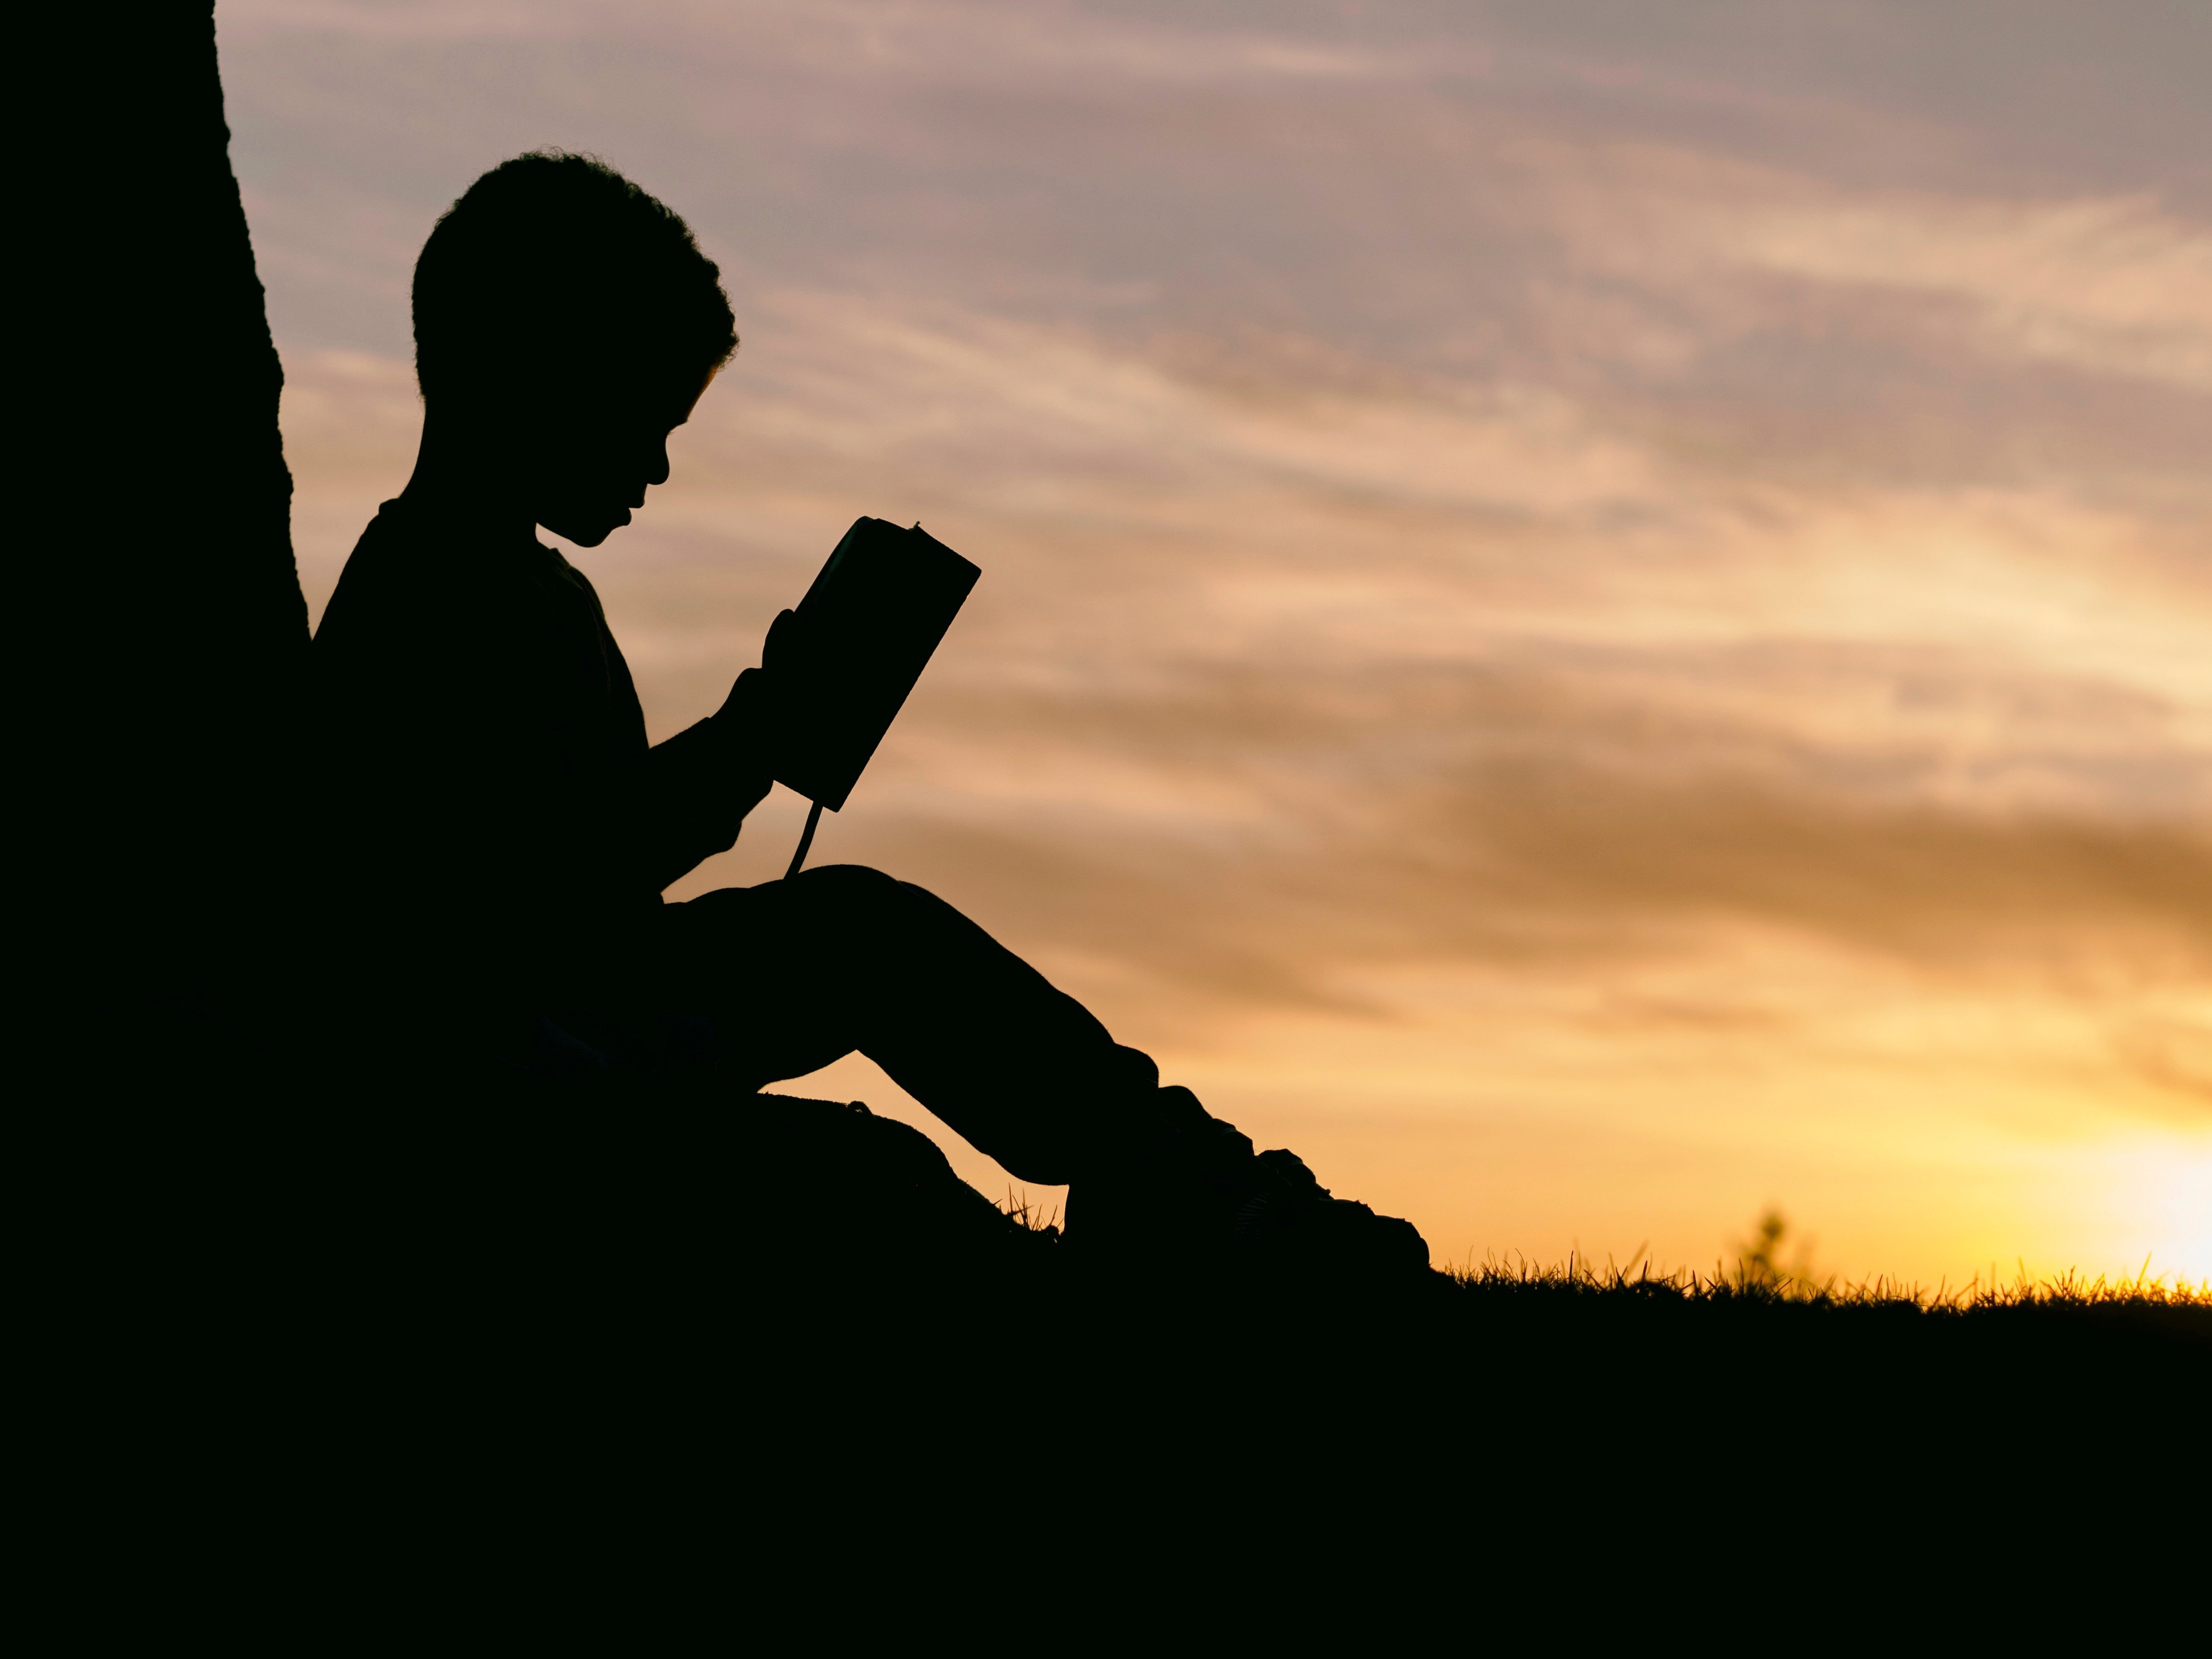 つらいときこそ本を読め!書店へ通う習慣と本を活かすことを教えてくれた運命の一冊【推薦図書】